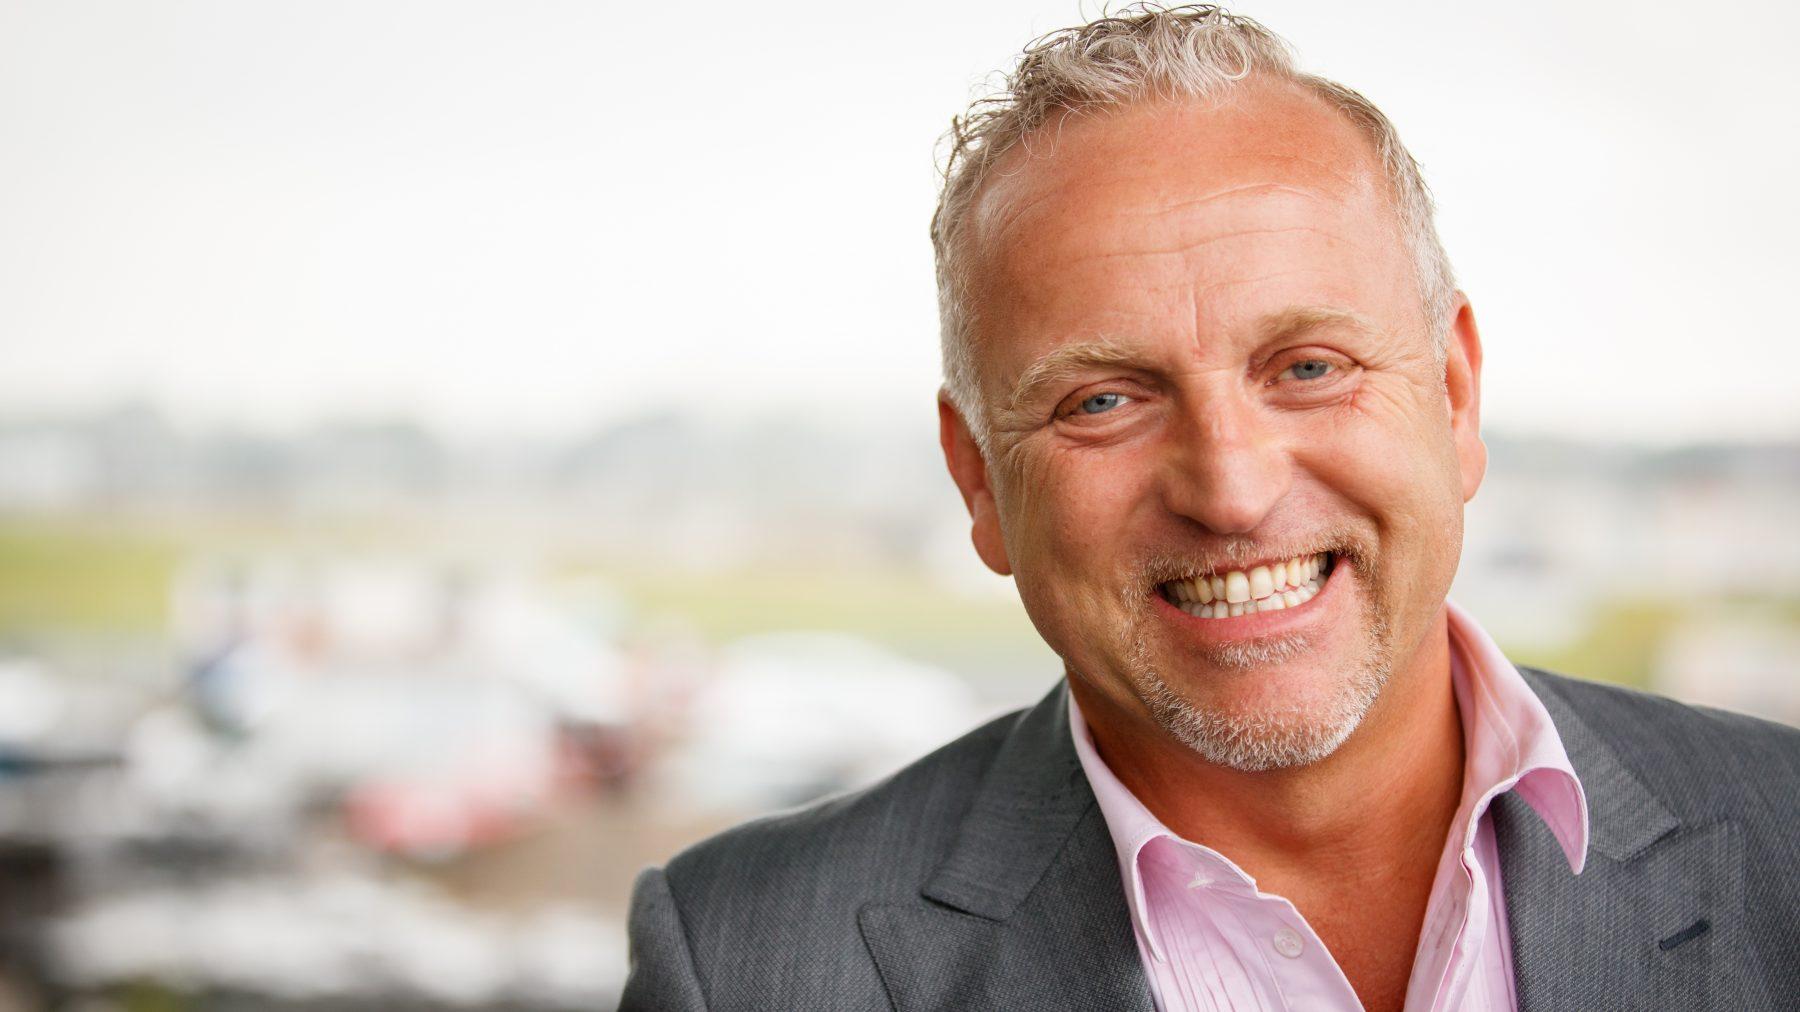 Gordon showt resultaten van nieuwe levensstijl: 'Zo lekker als je je beter voelt'